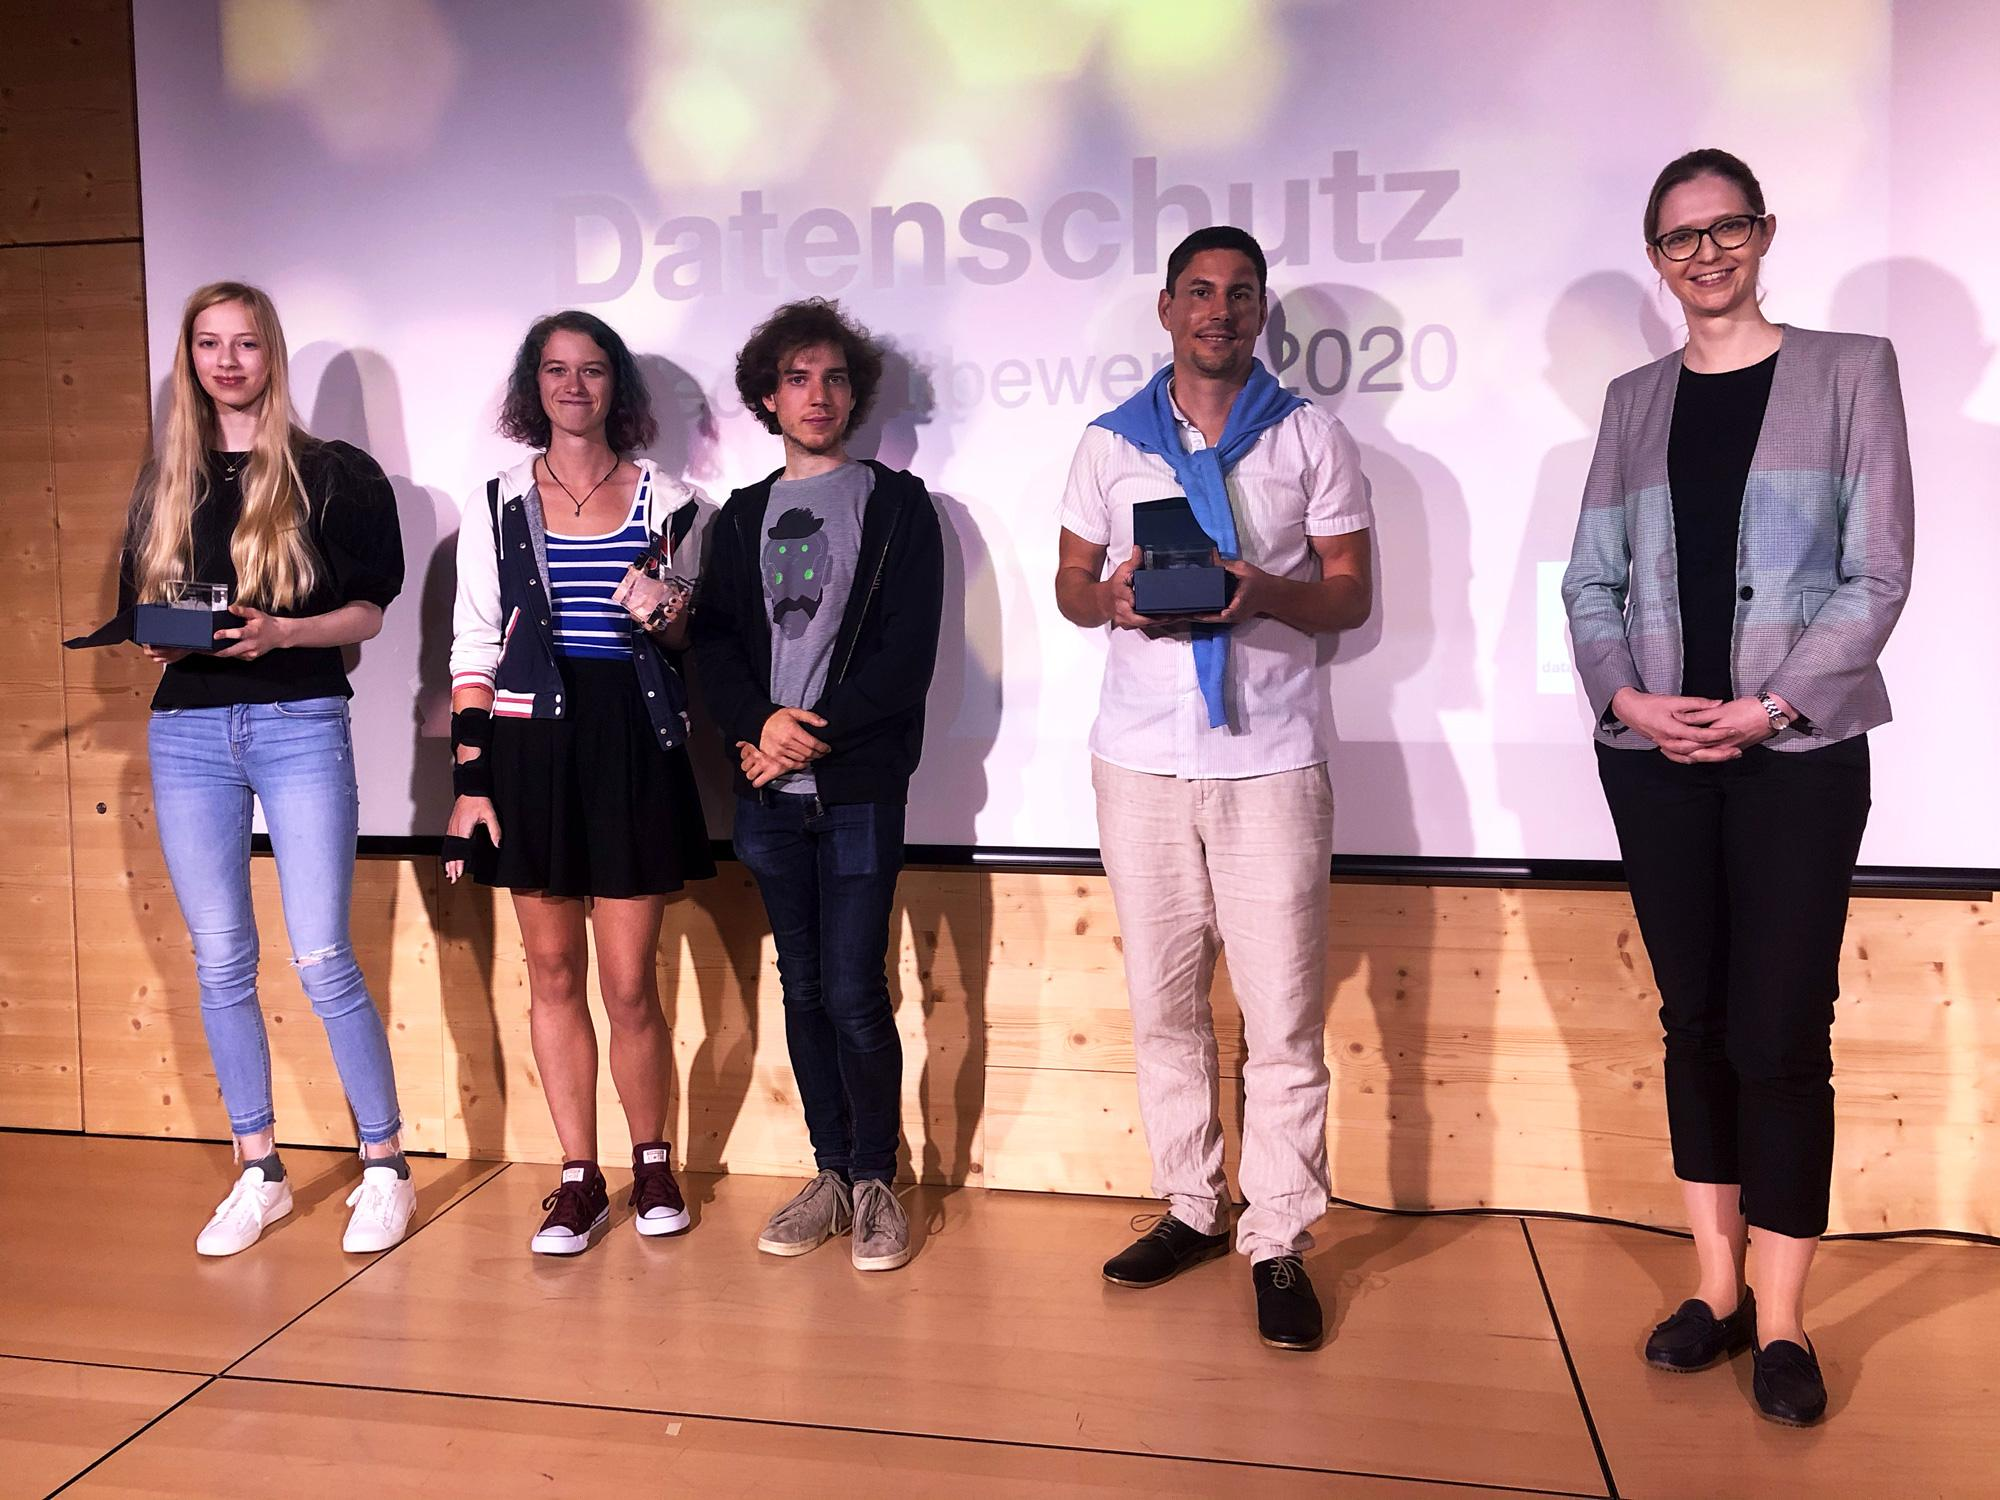 Bild: Kanton Zürich; Die Datenschutzbeauftragte und die Gewinnerinnen und Gewinner freuen sich.